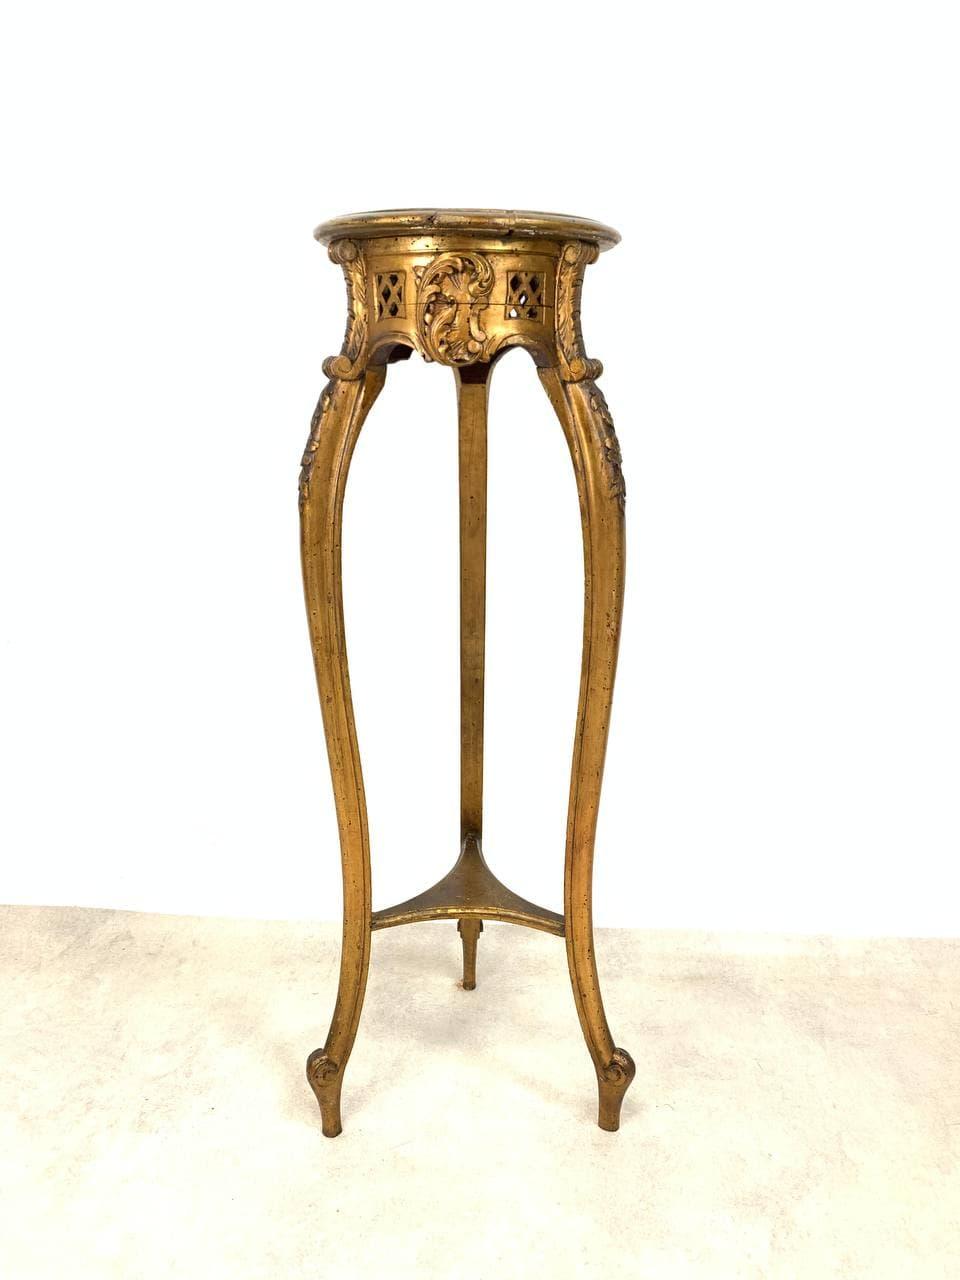 Антикварная стойка-колонна в стиле Рококо